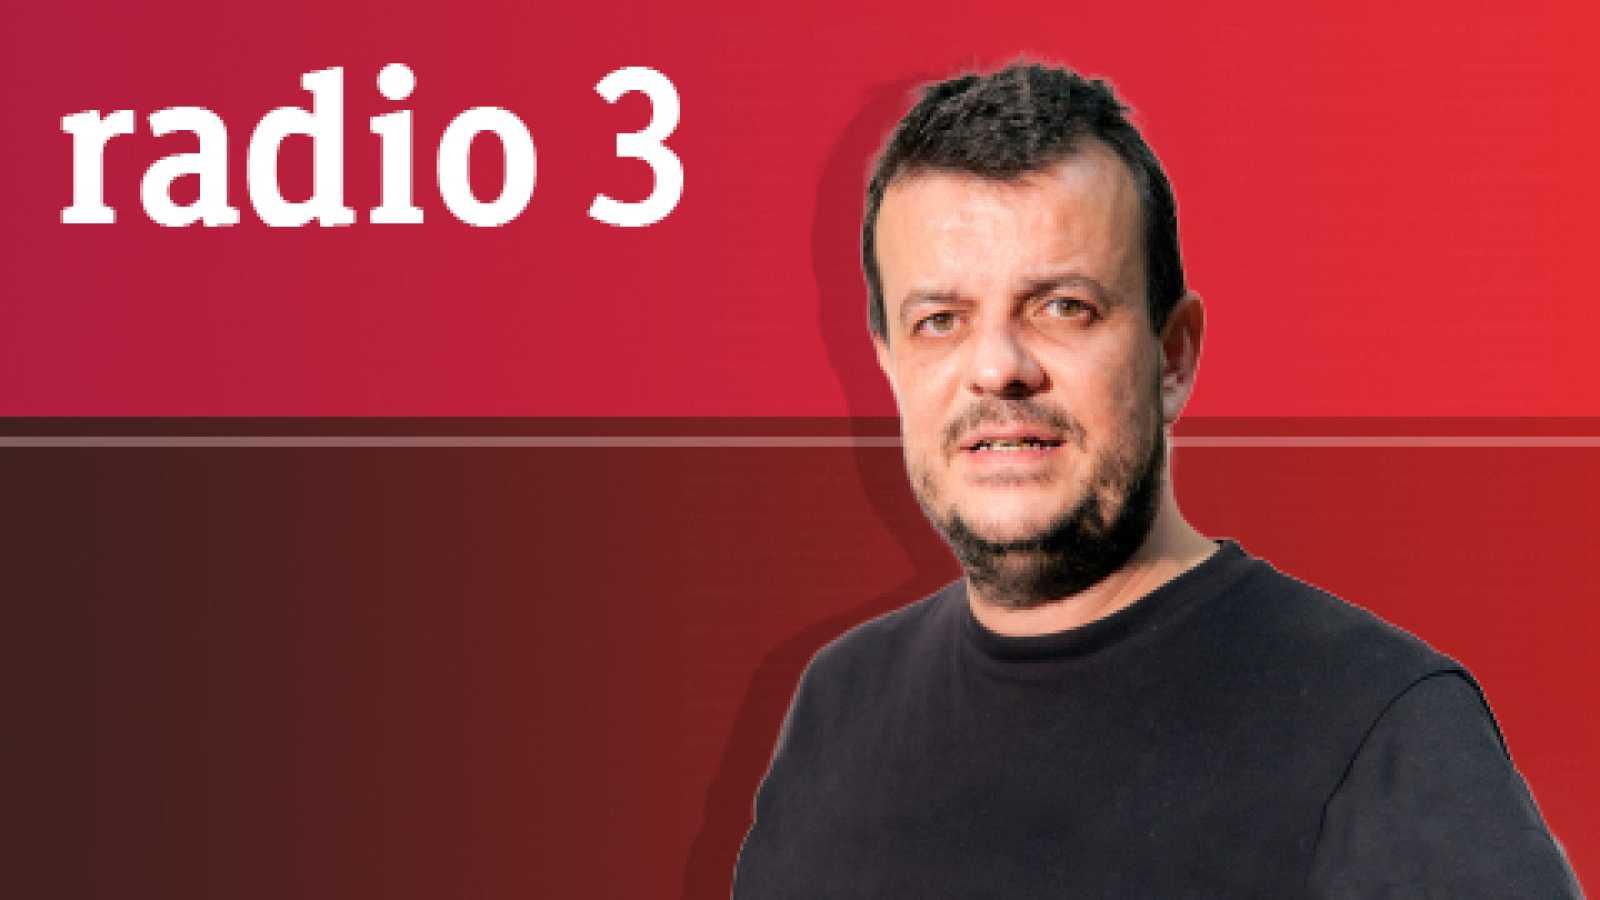 Sateli 3 - Nuevo!!! Clásicos de la Electrónica de los 90 (01): Leftfield - 17/03/21 - escuchar ahora